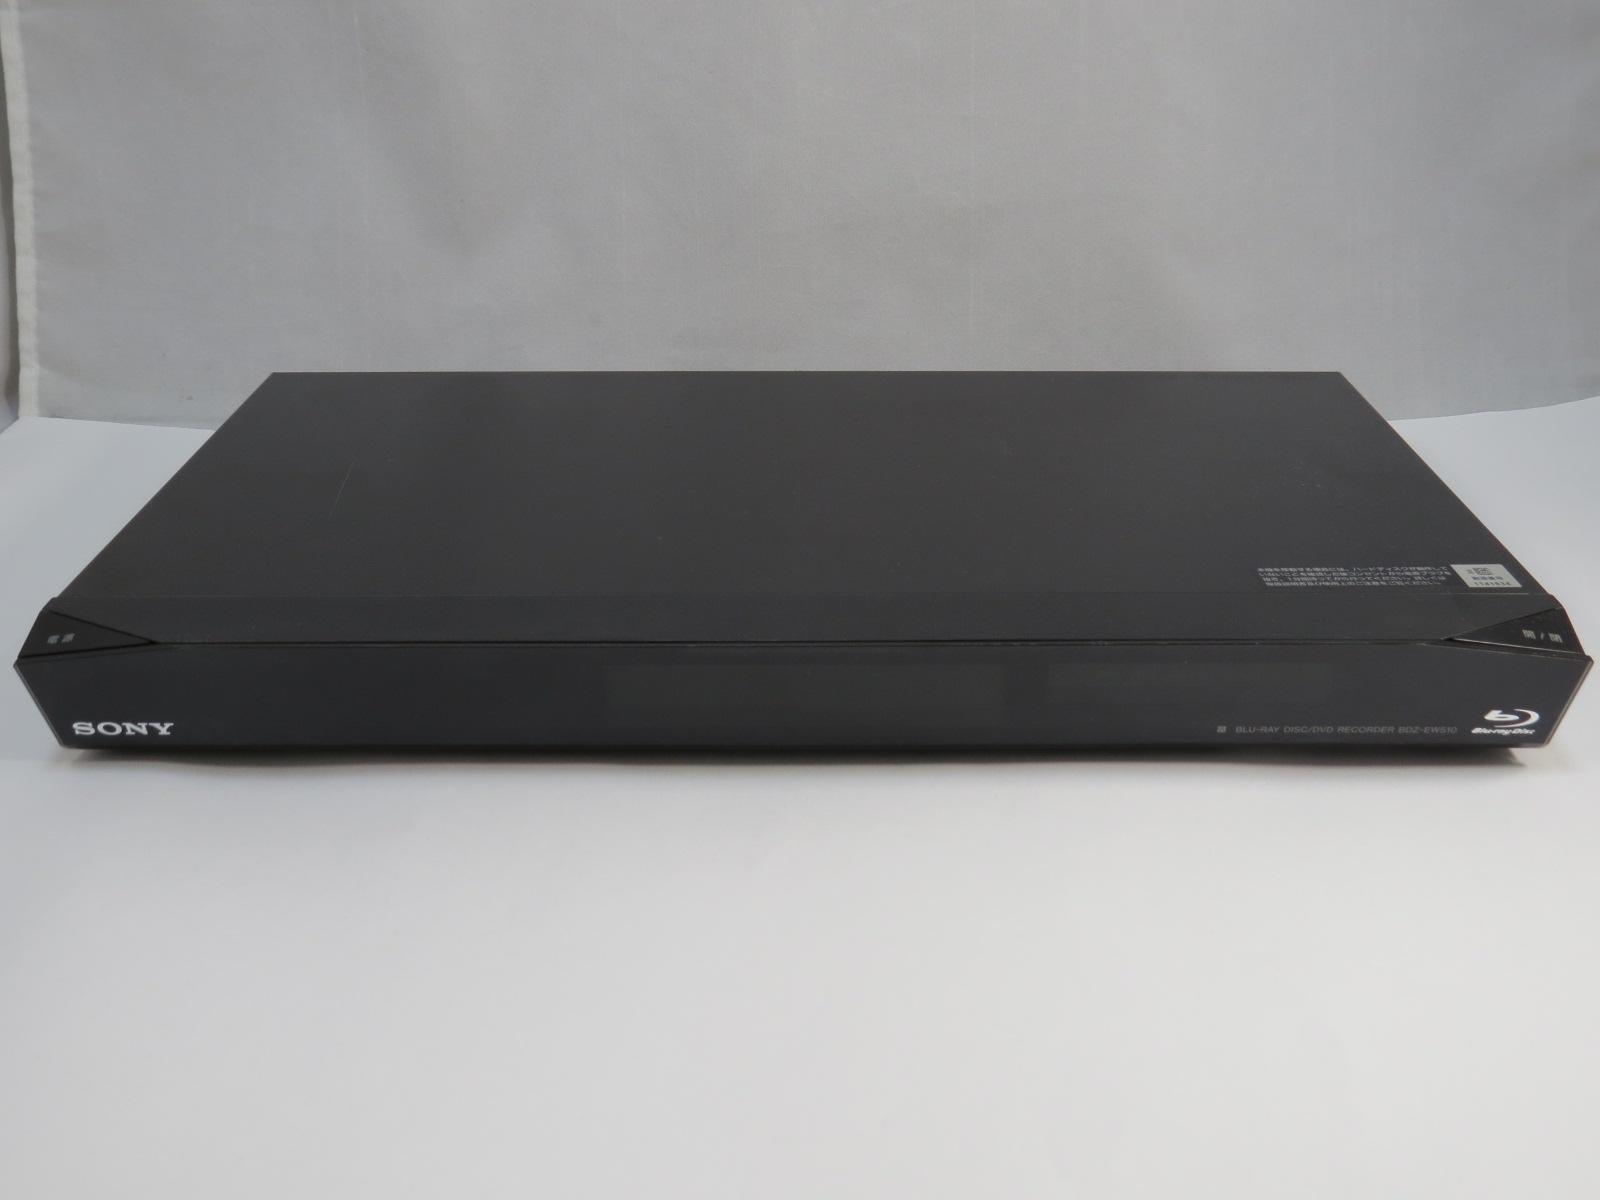 SonyブルーレイレコーダーBDZ-EW510を分解してみた。